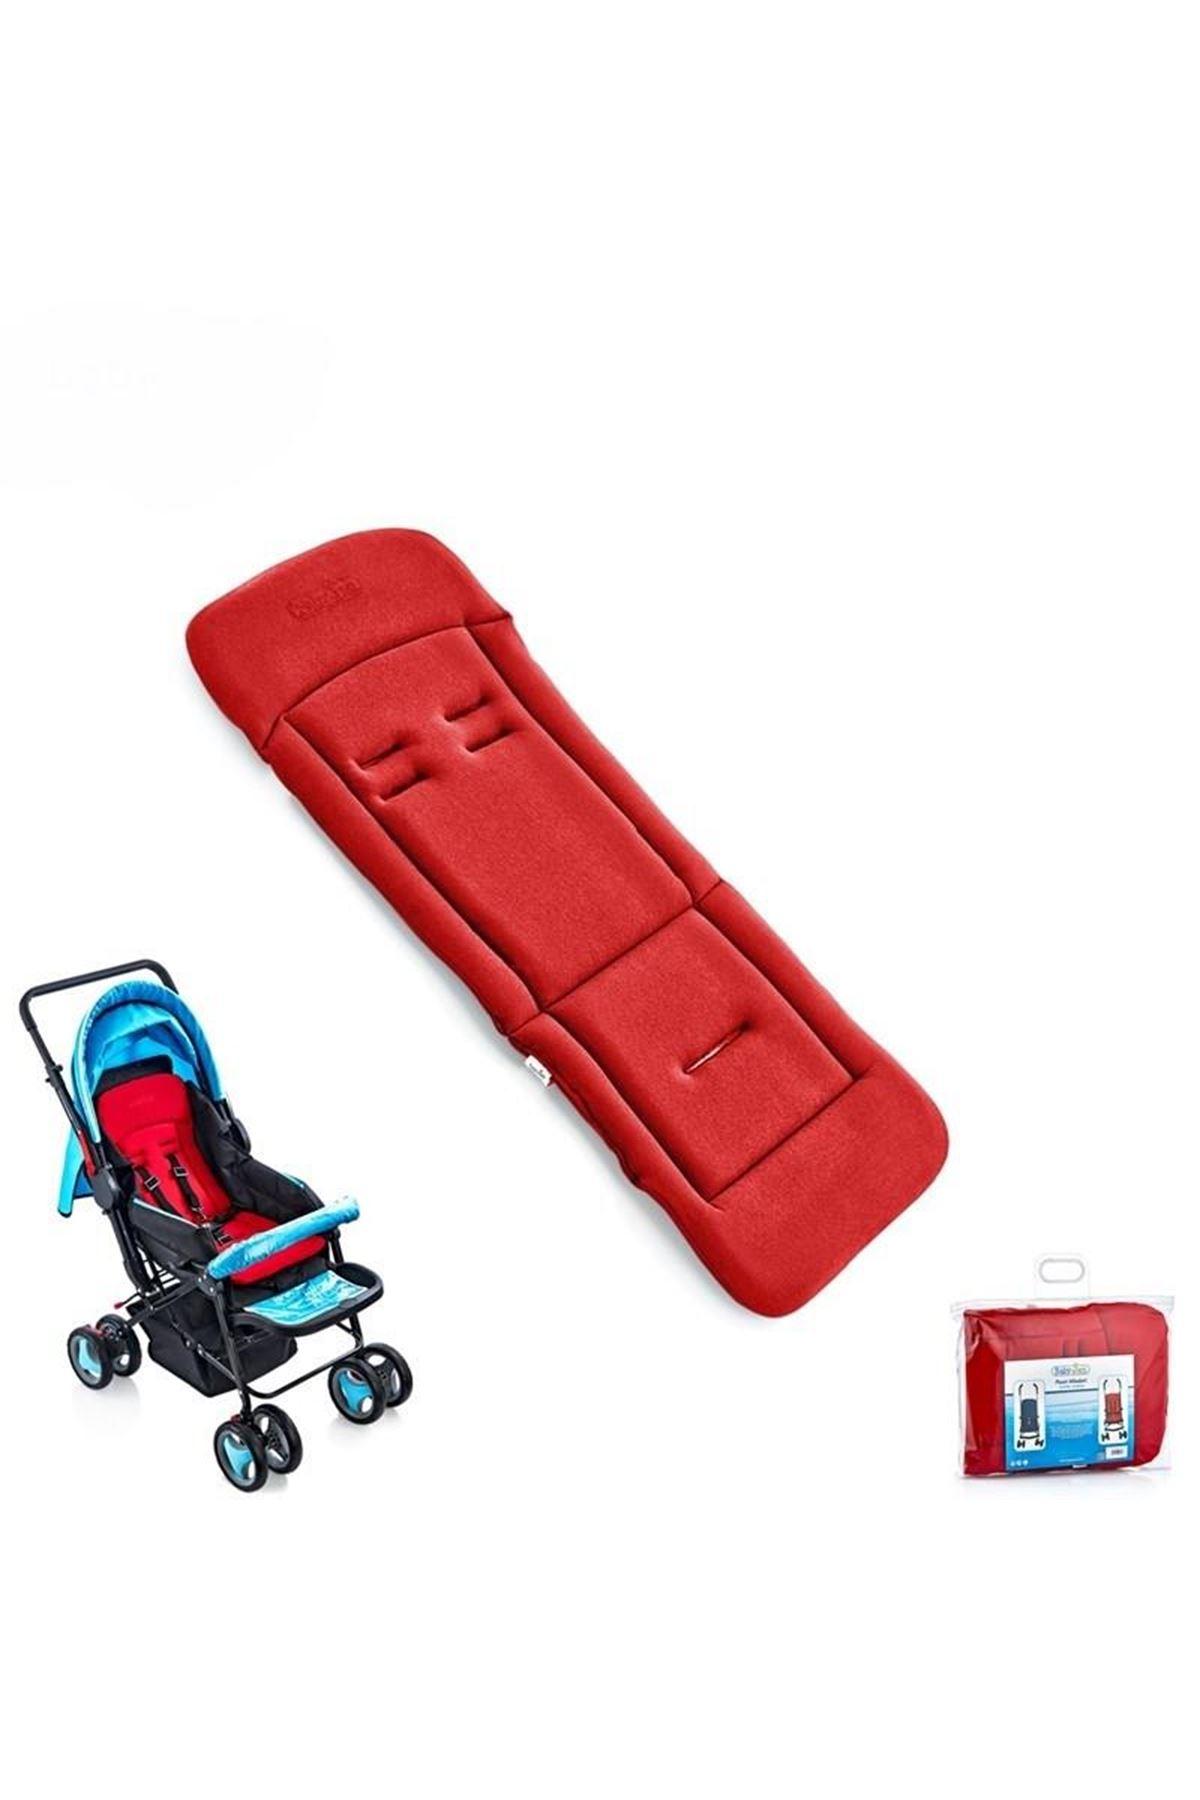 BabyJem Bebek Arabası Puset Minderi 346 Kırmızı